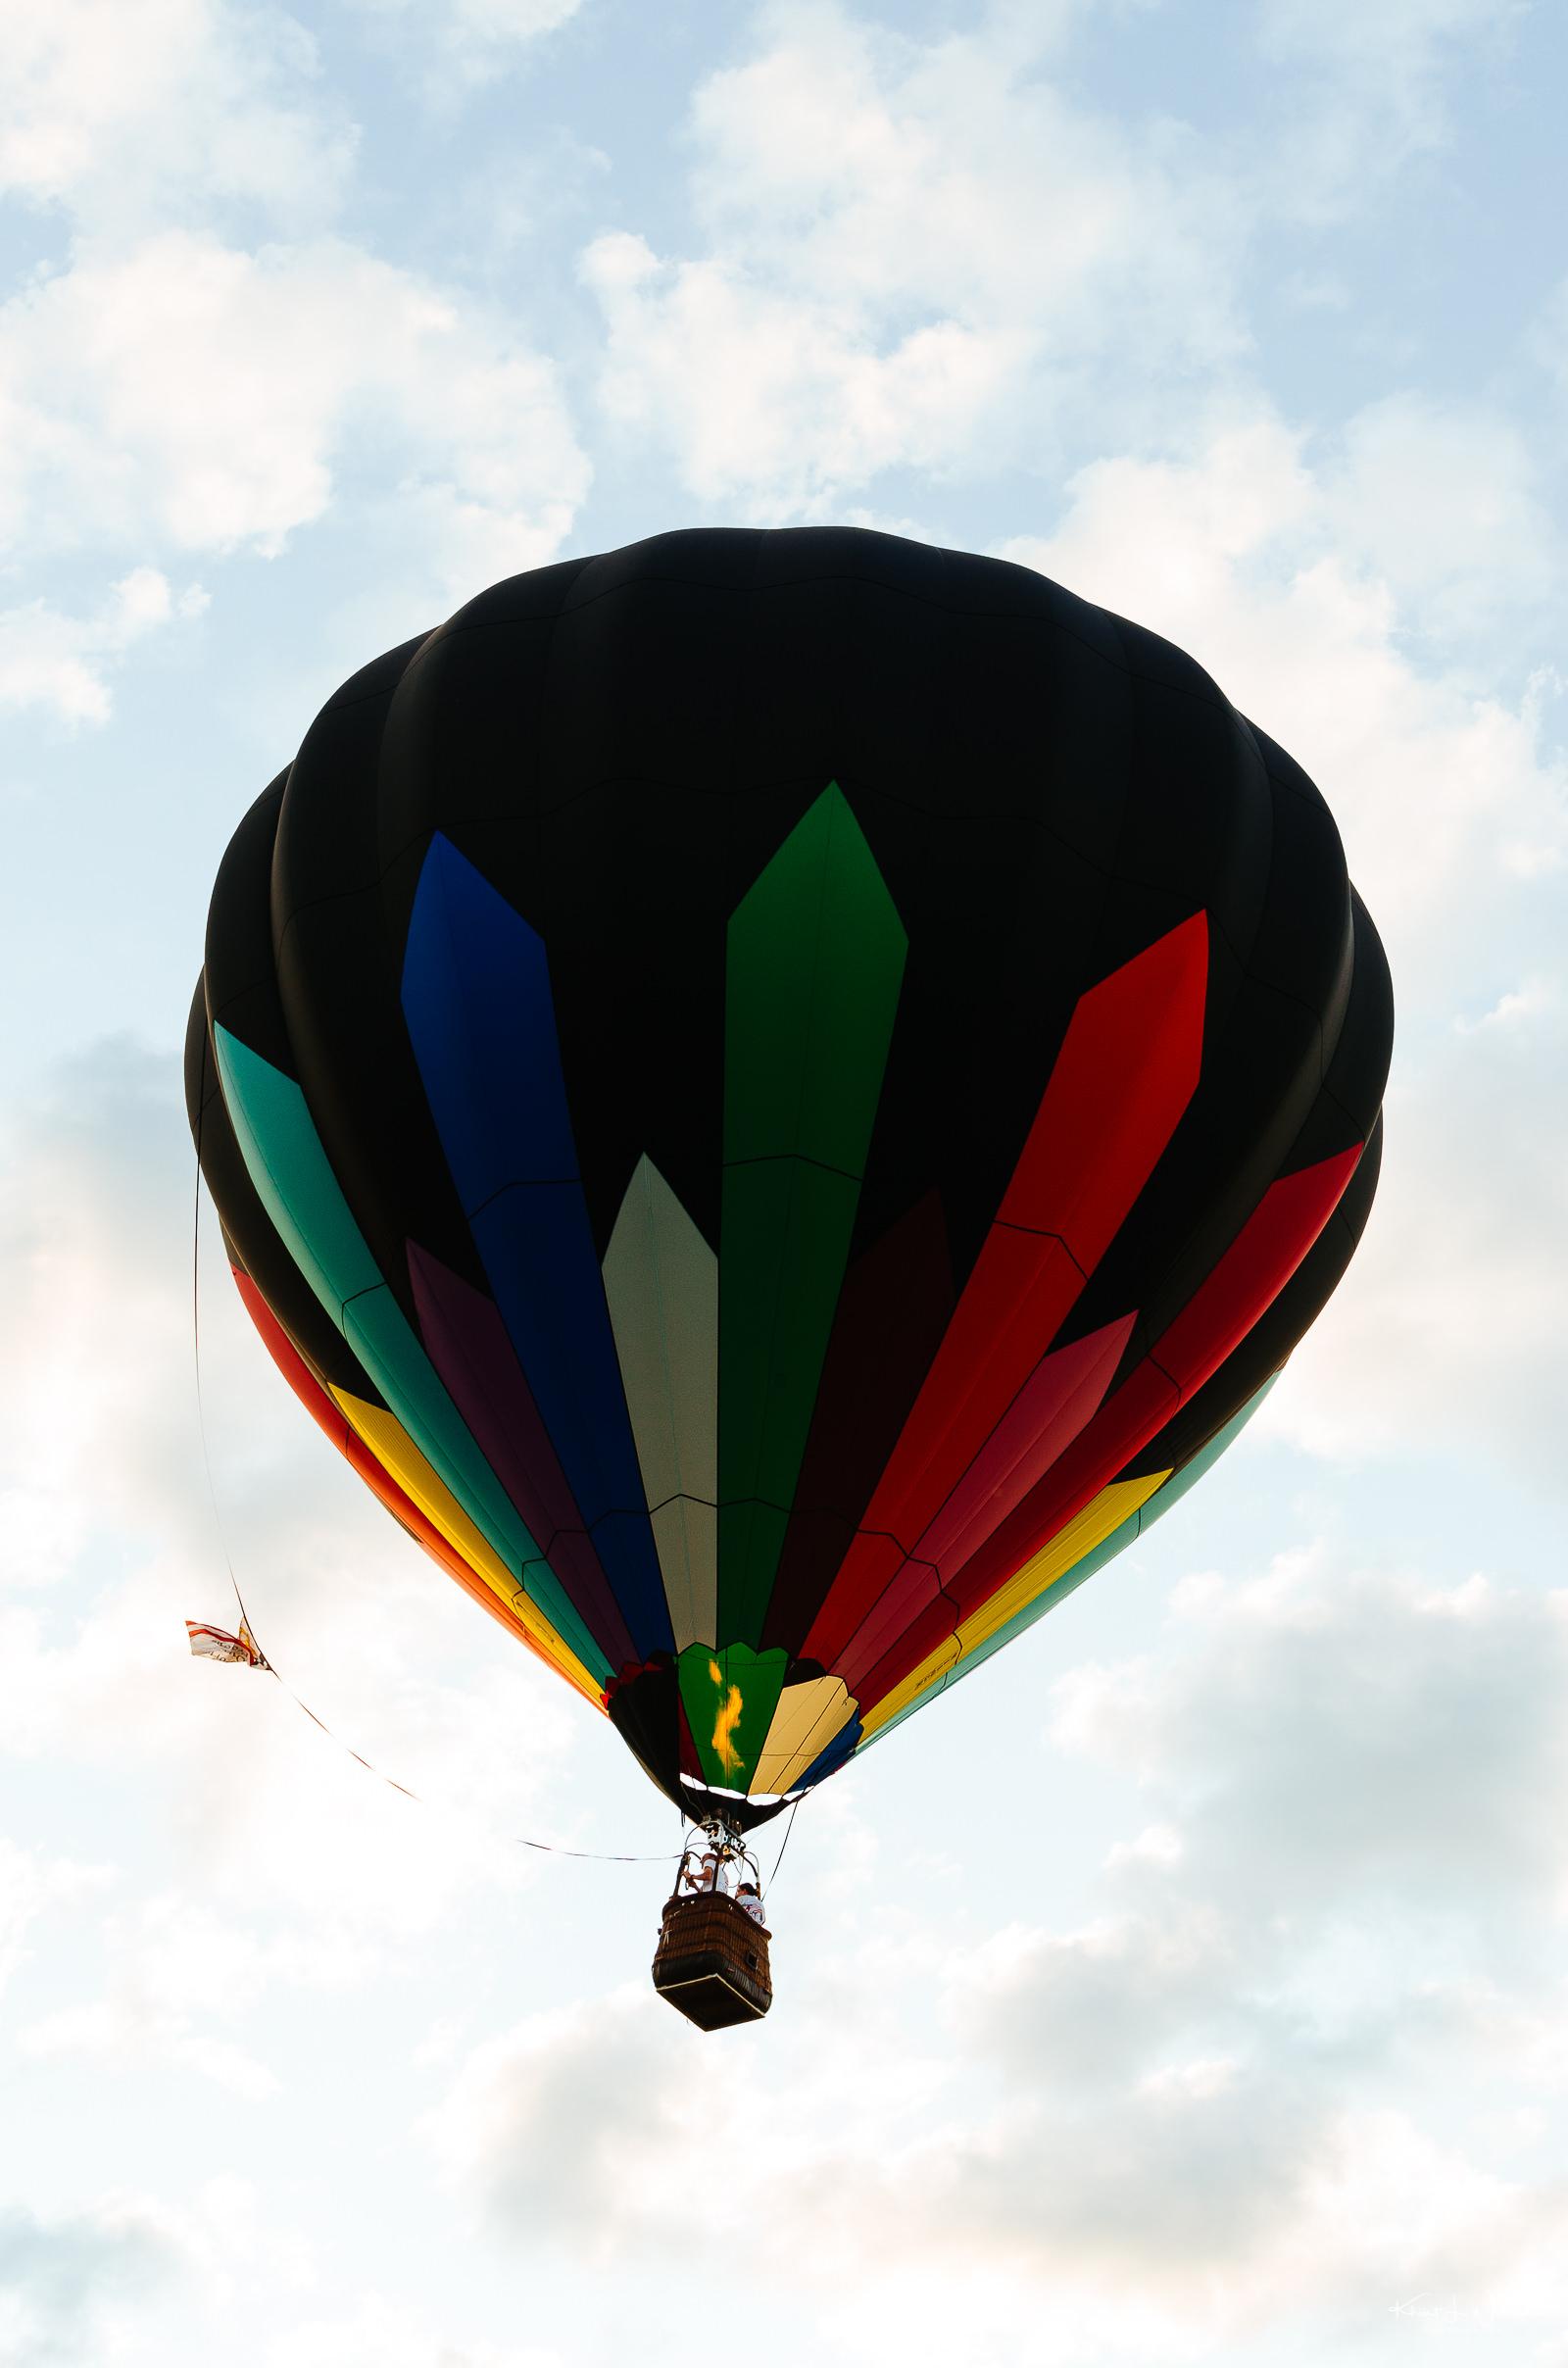 Baloon NIKON D5100 20140725 0968 2